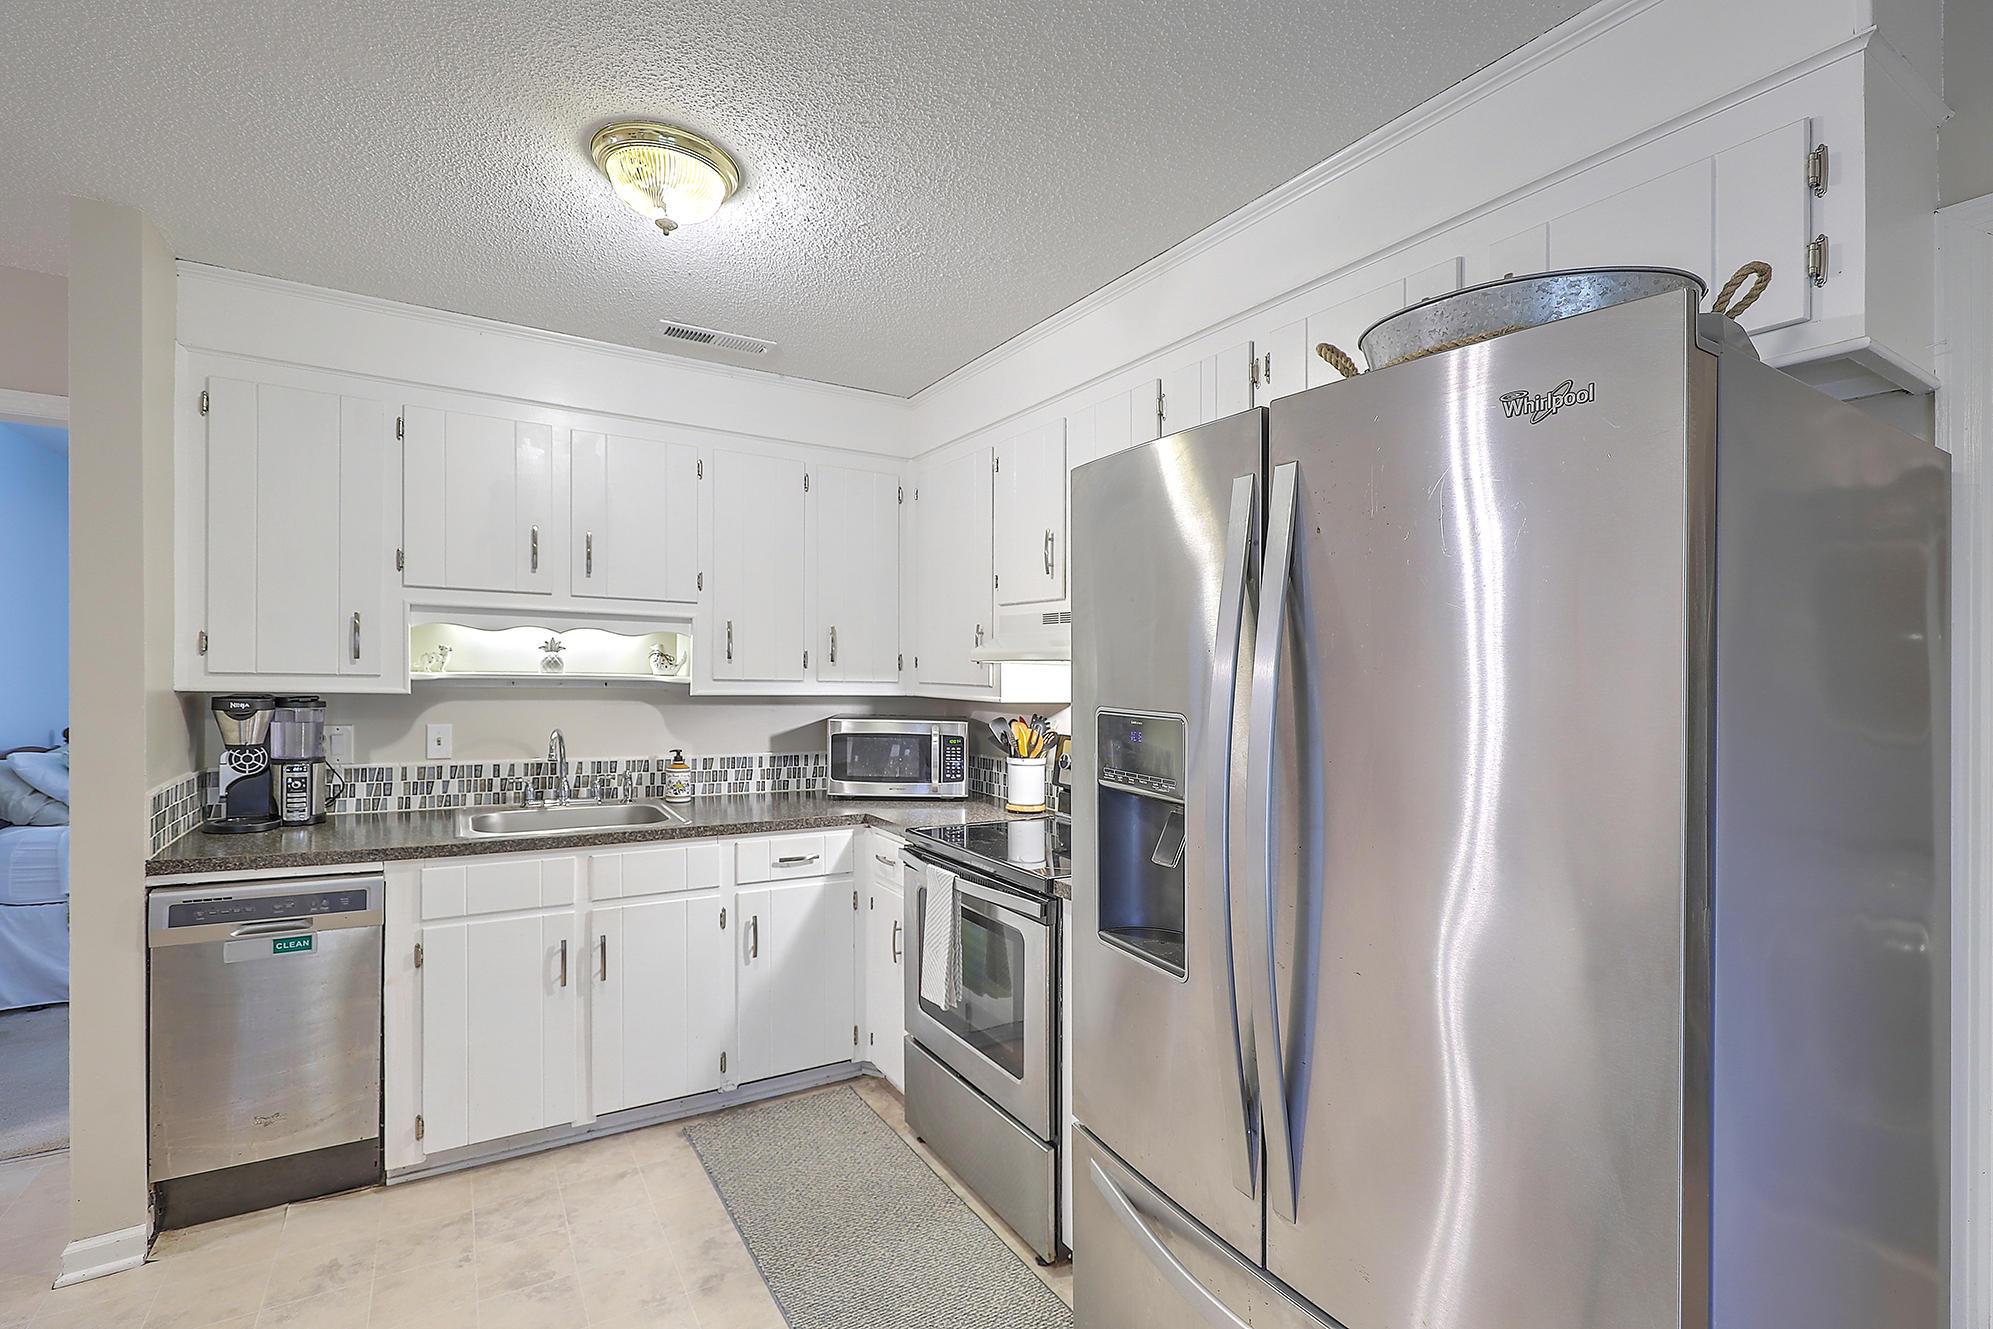 Willowbrook I Homes For Sale - 37 Delaware, Goose Creek, SC - 1